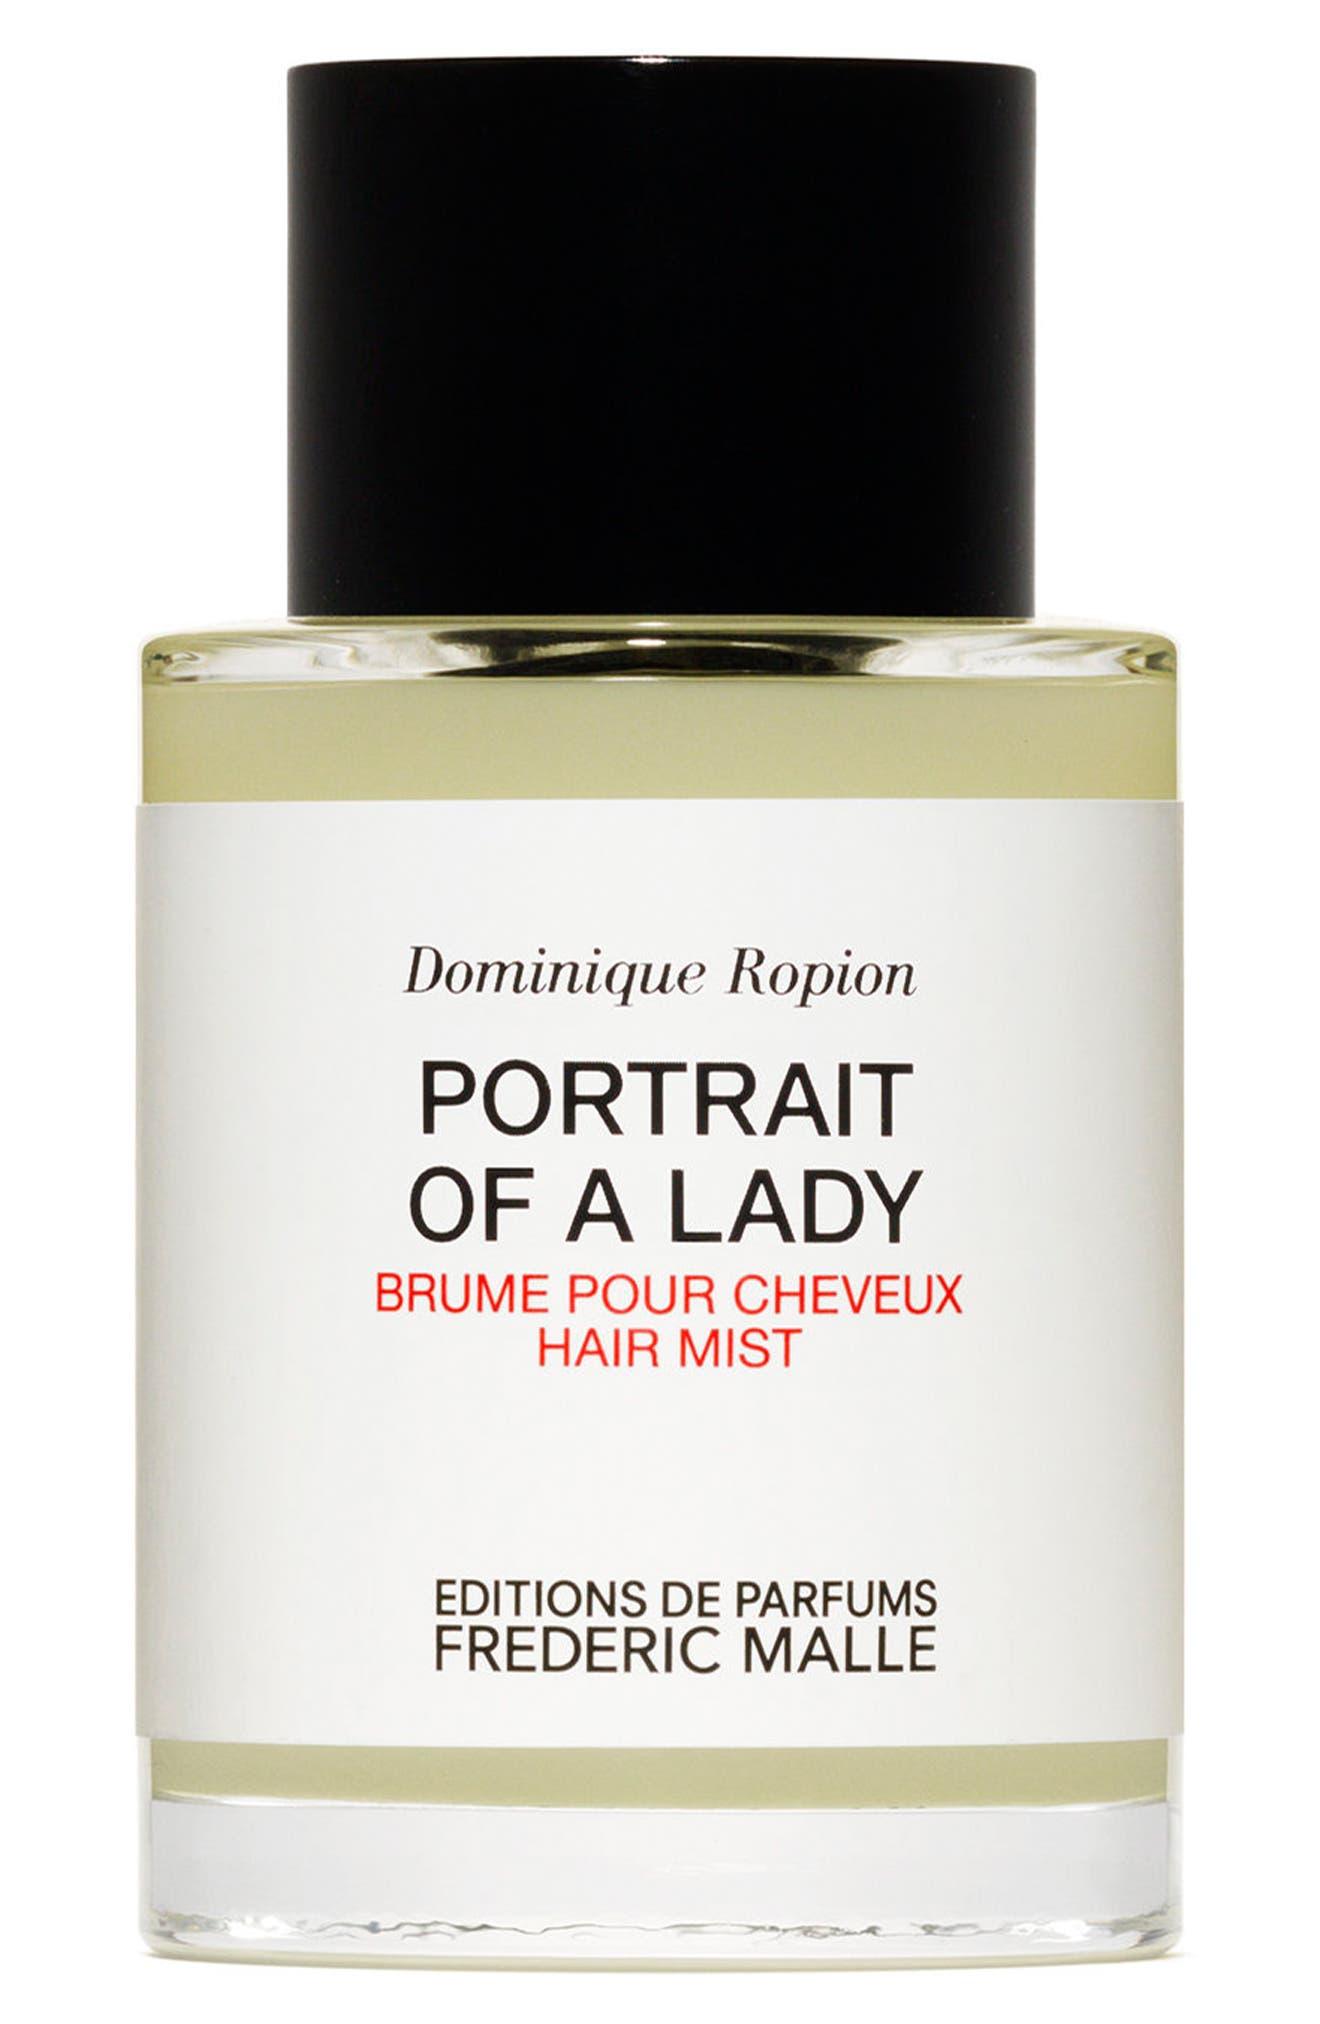 Main Image - Editions de Parfums Frédéric Malle Portrait of a Lady Hair Mist